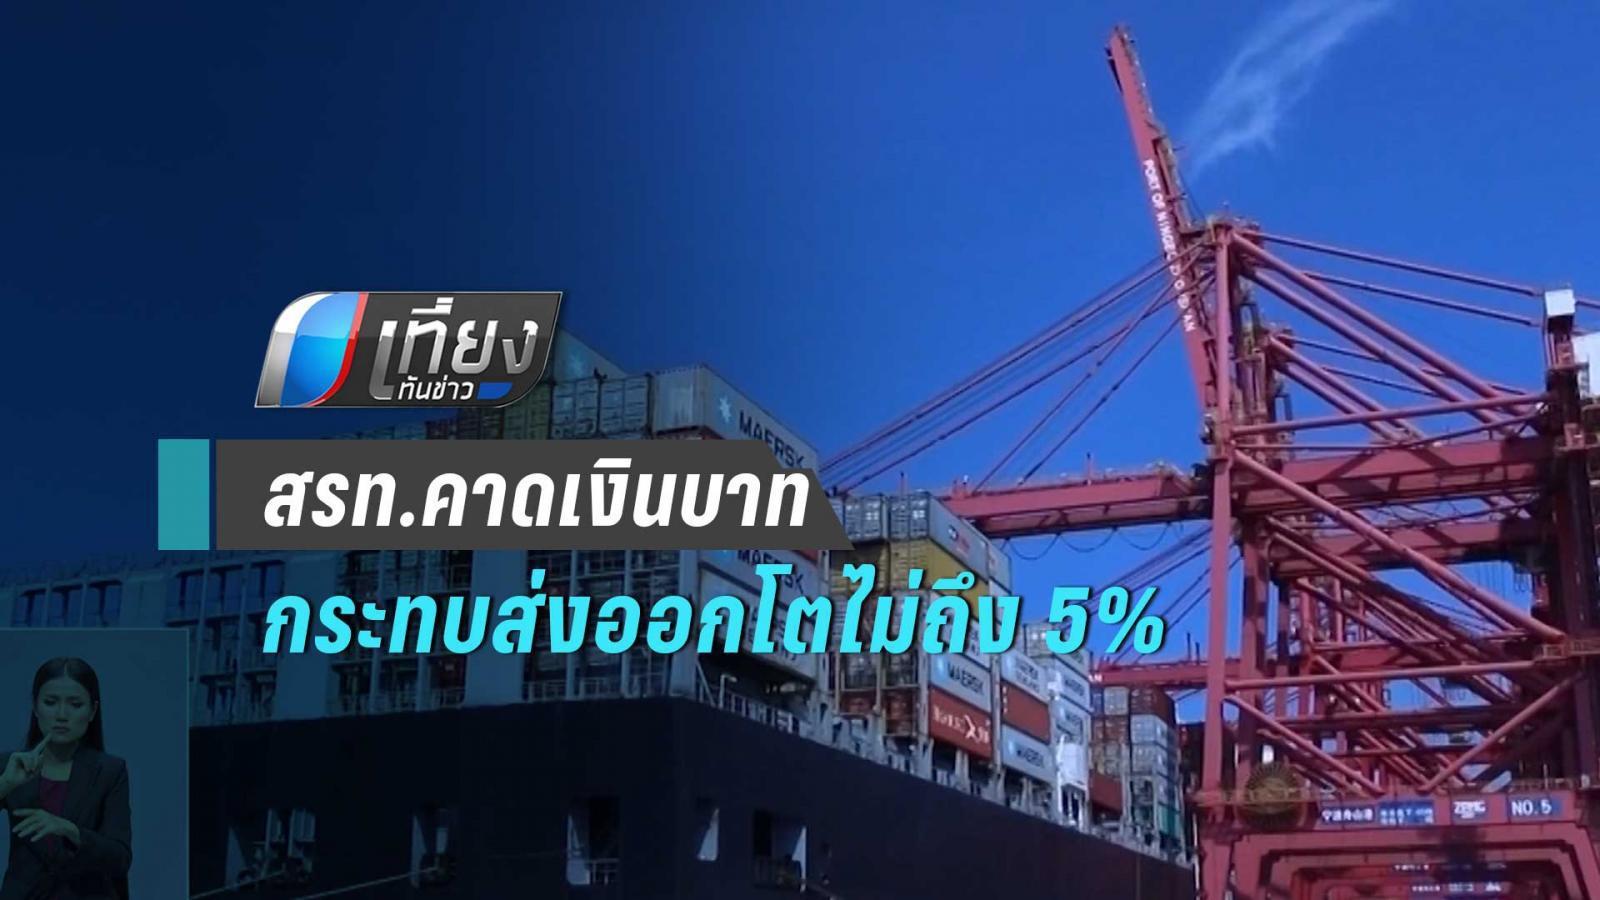 สภาผู้ส่งสินค้าทางเรือฯ คาดเงินบาทกระทบส่งออกปีนี้โตไม่ถึง 5%